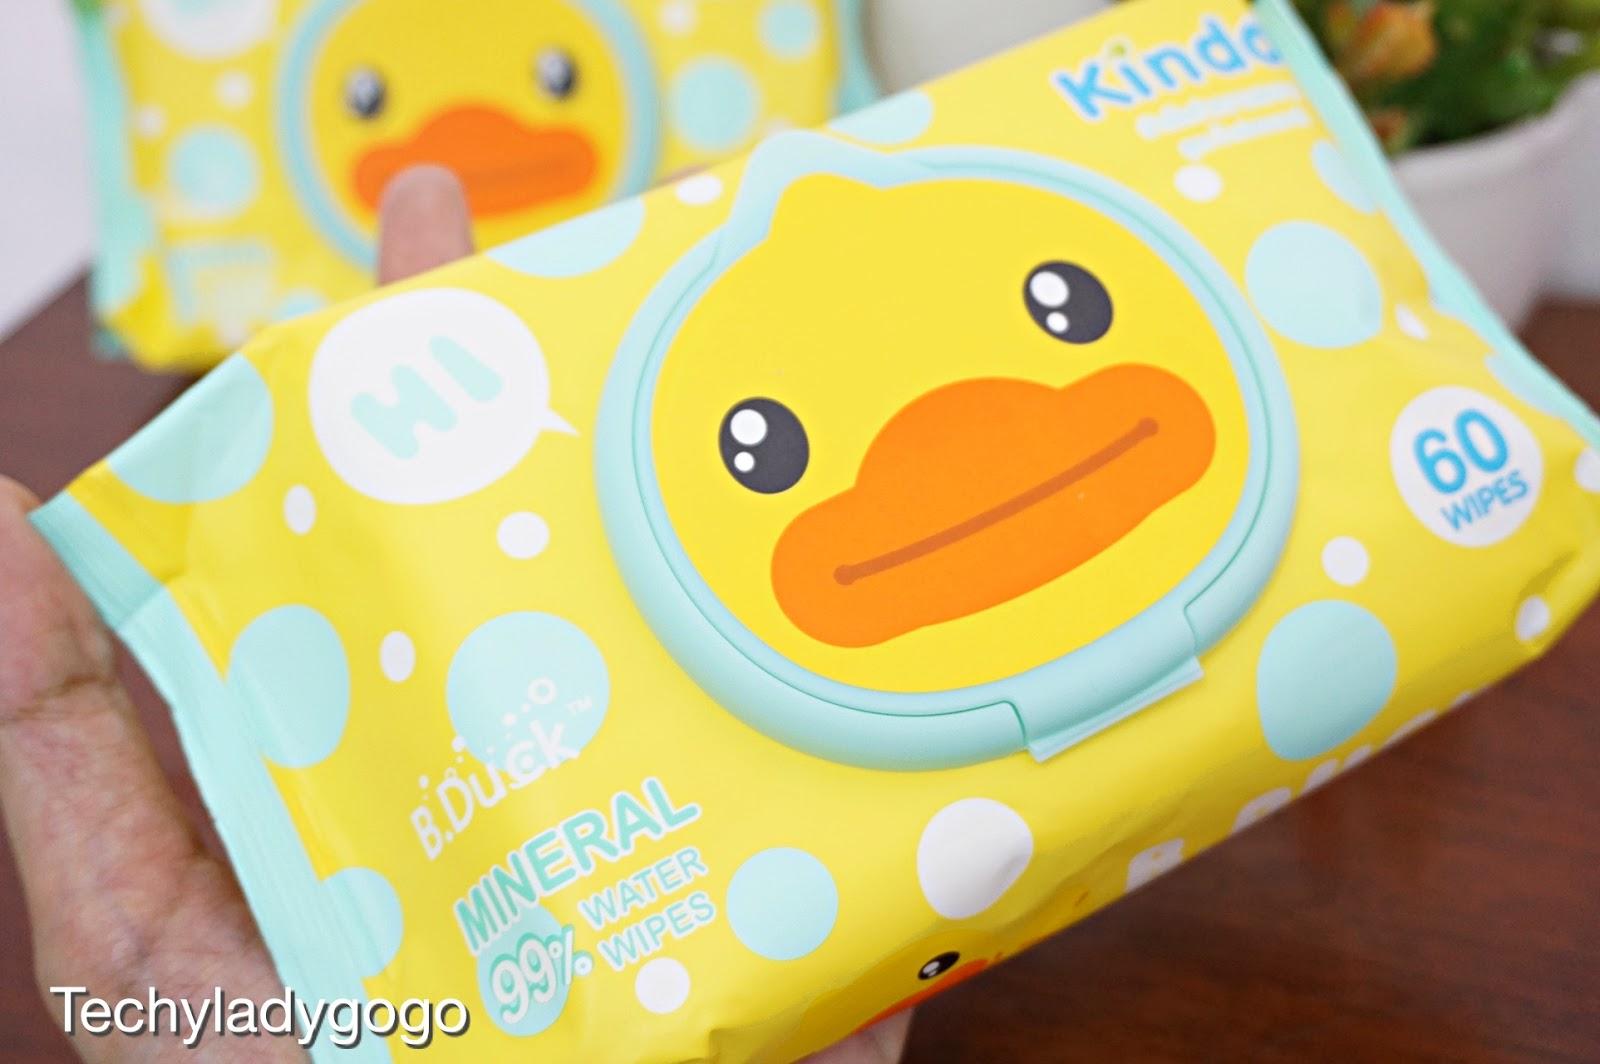 คินโด้ ทิชชู่เปียก ลายเป็ดเหลือง B.Duck น่ารักเวอร์ 1. Baby wipe  2. ทิชชู่เปียก  3. ทิชชู่เปียกสำหรับเด็ก  4. คินโด้ ทิชชู่เปียกลาย B.Duck  5. ทิชชู่เปียก คินโด้